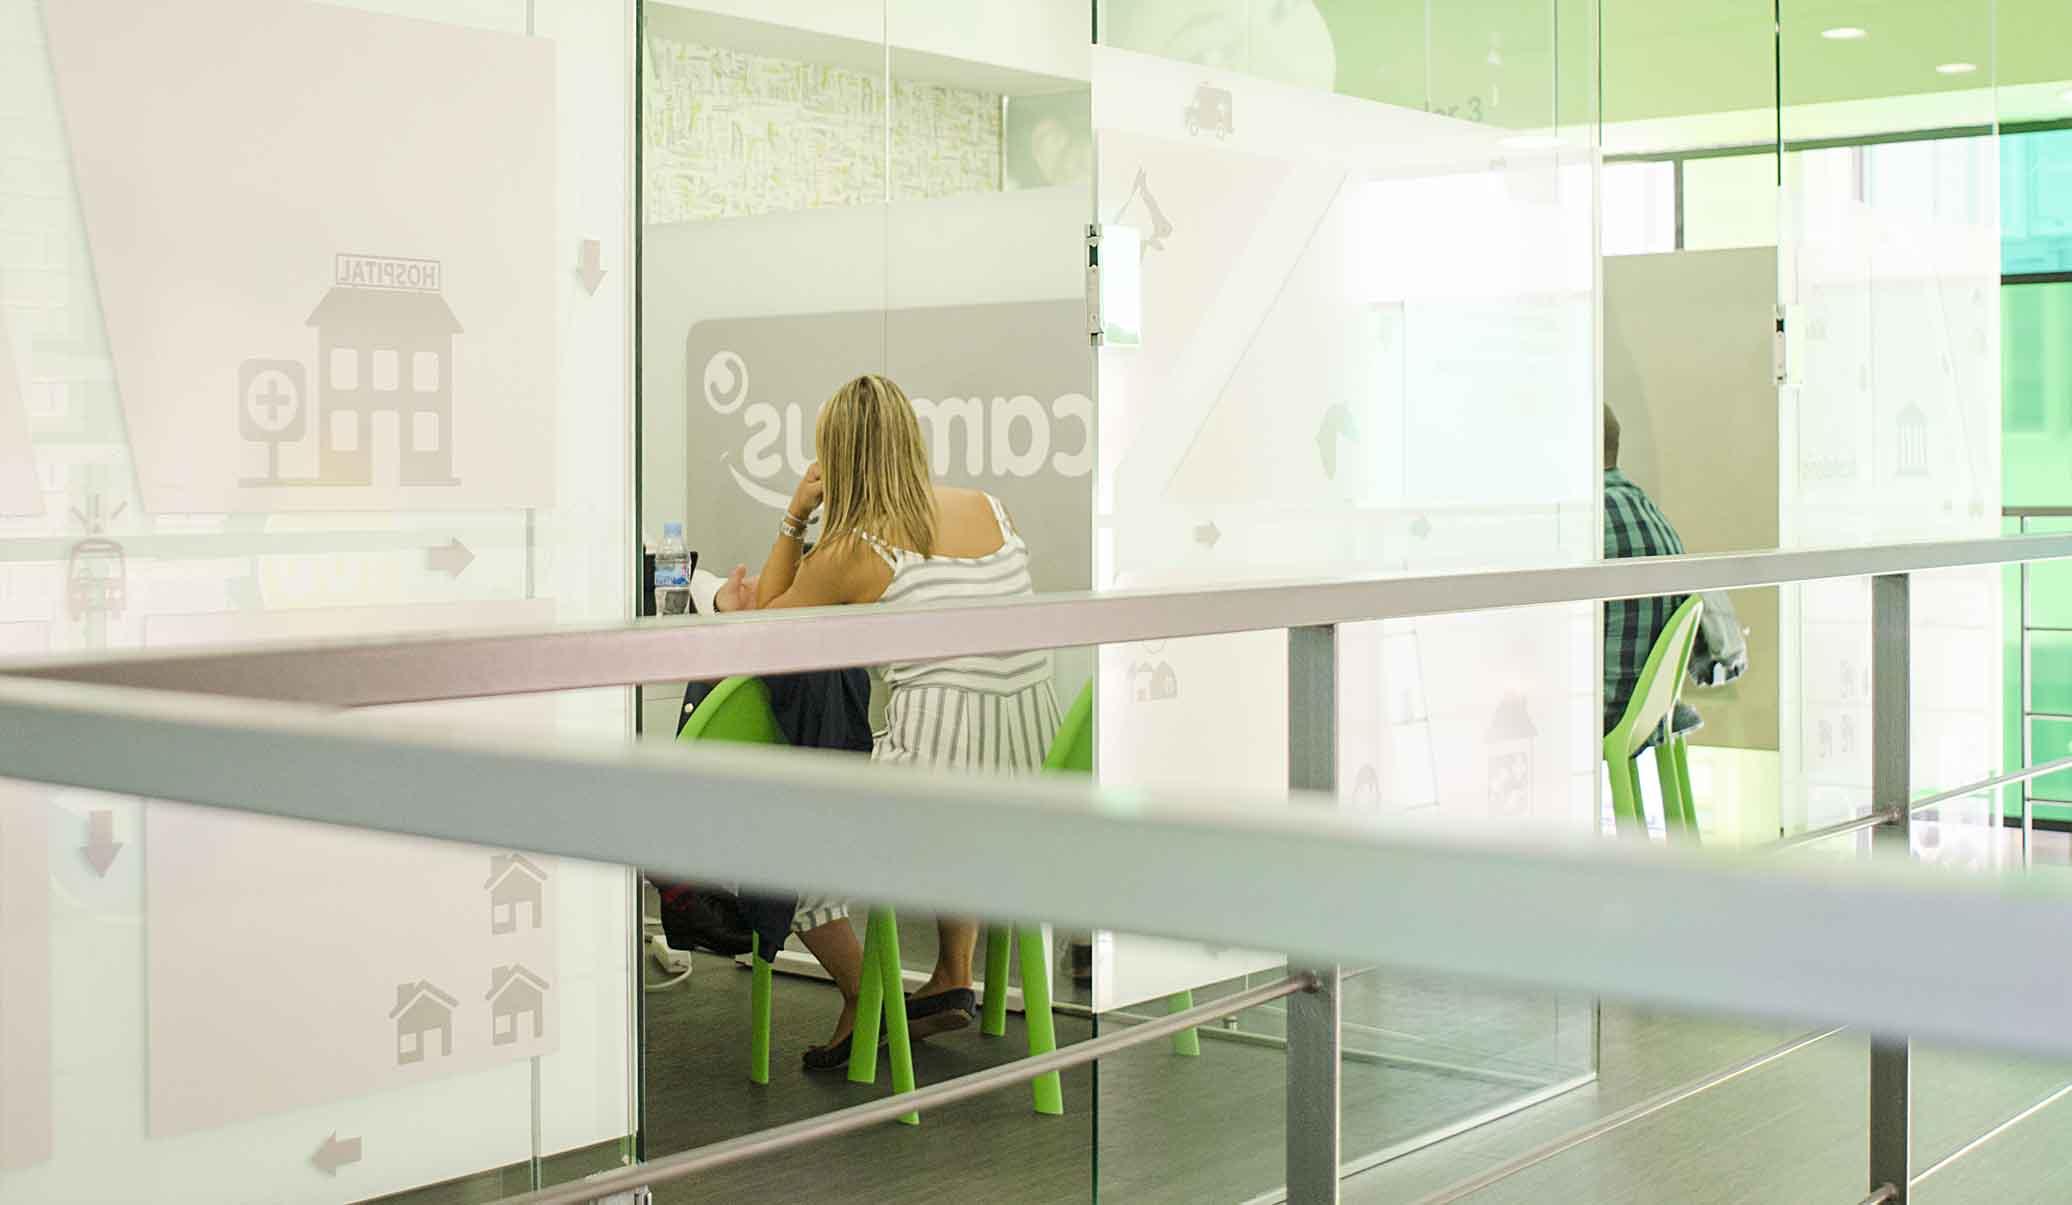 Academias de oposiciones en Alicante: cómo elegir la mejor